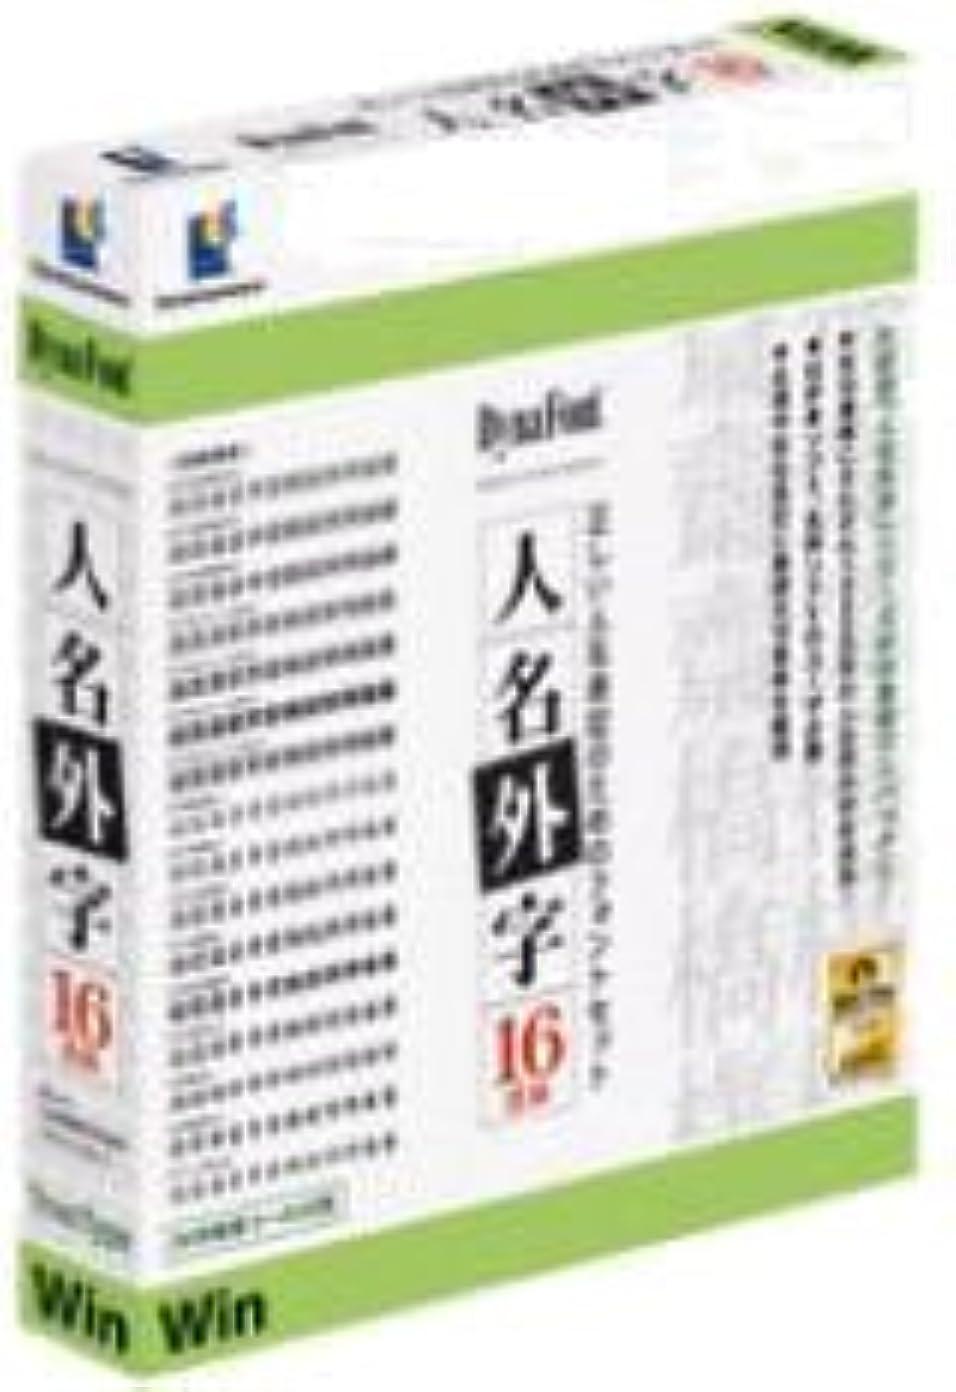 最大バリケード価格DynaFont 人名外字16書体 for Windows